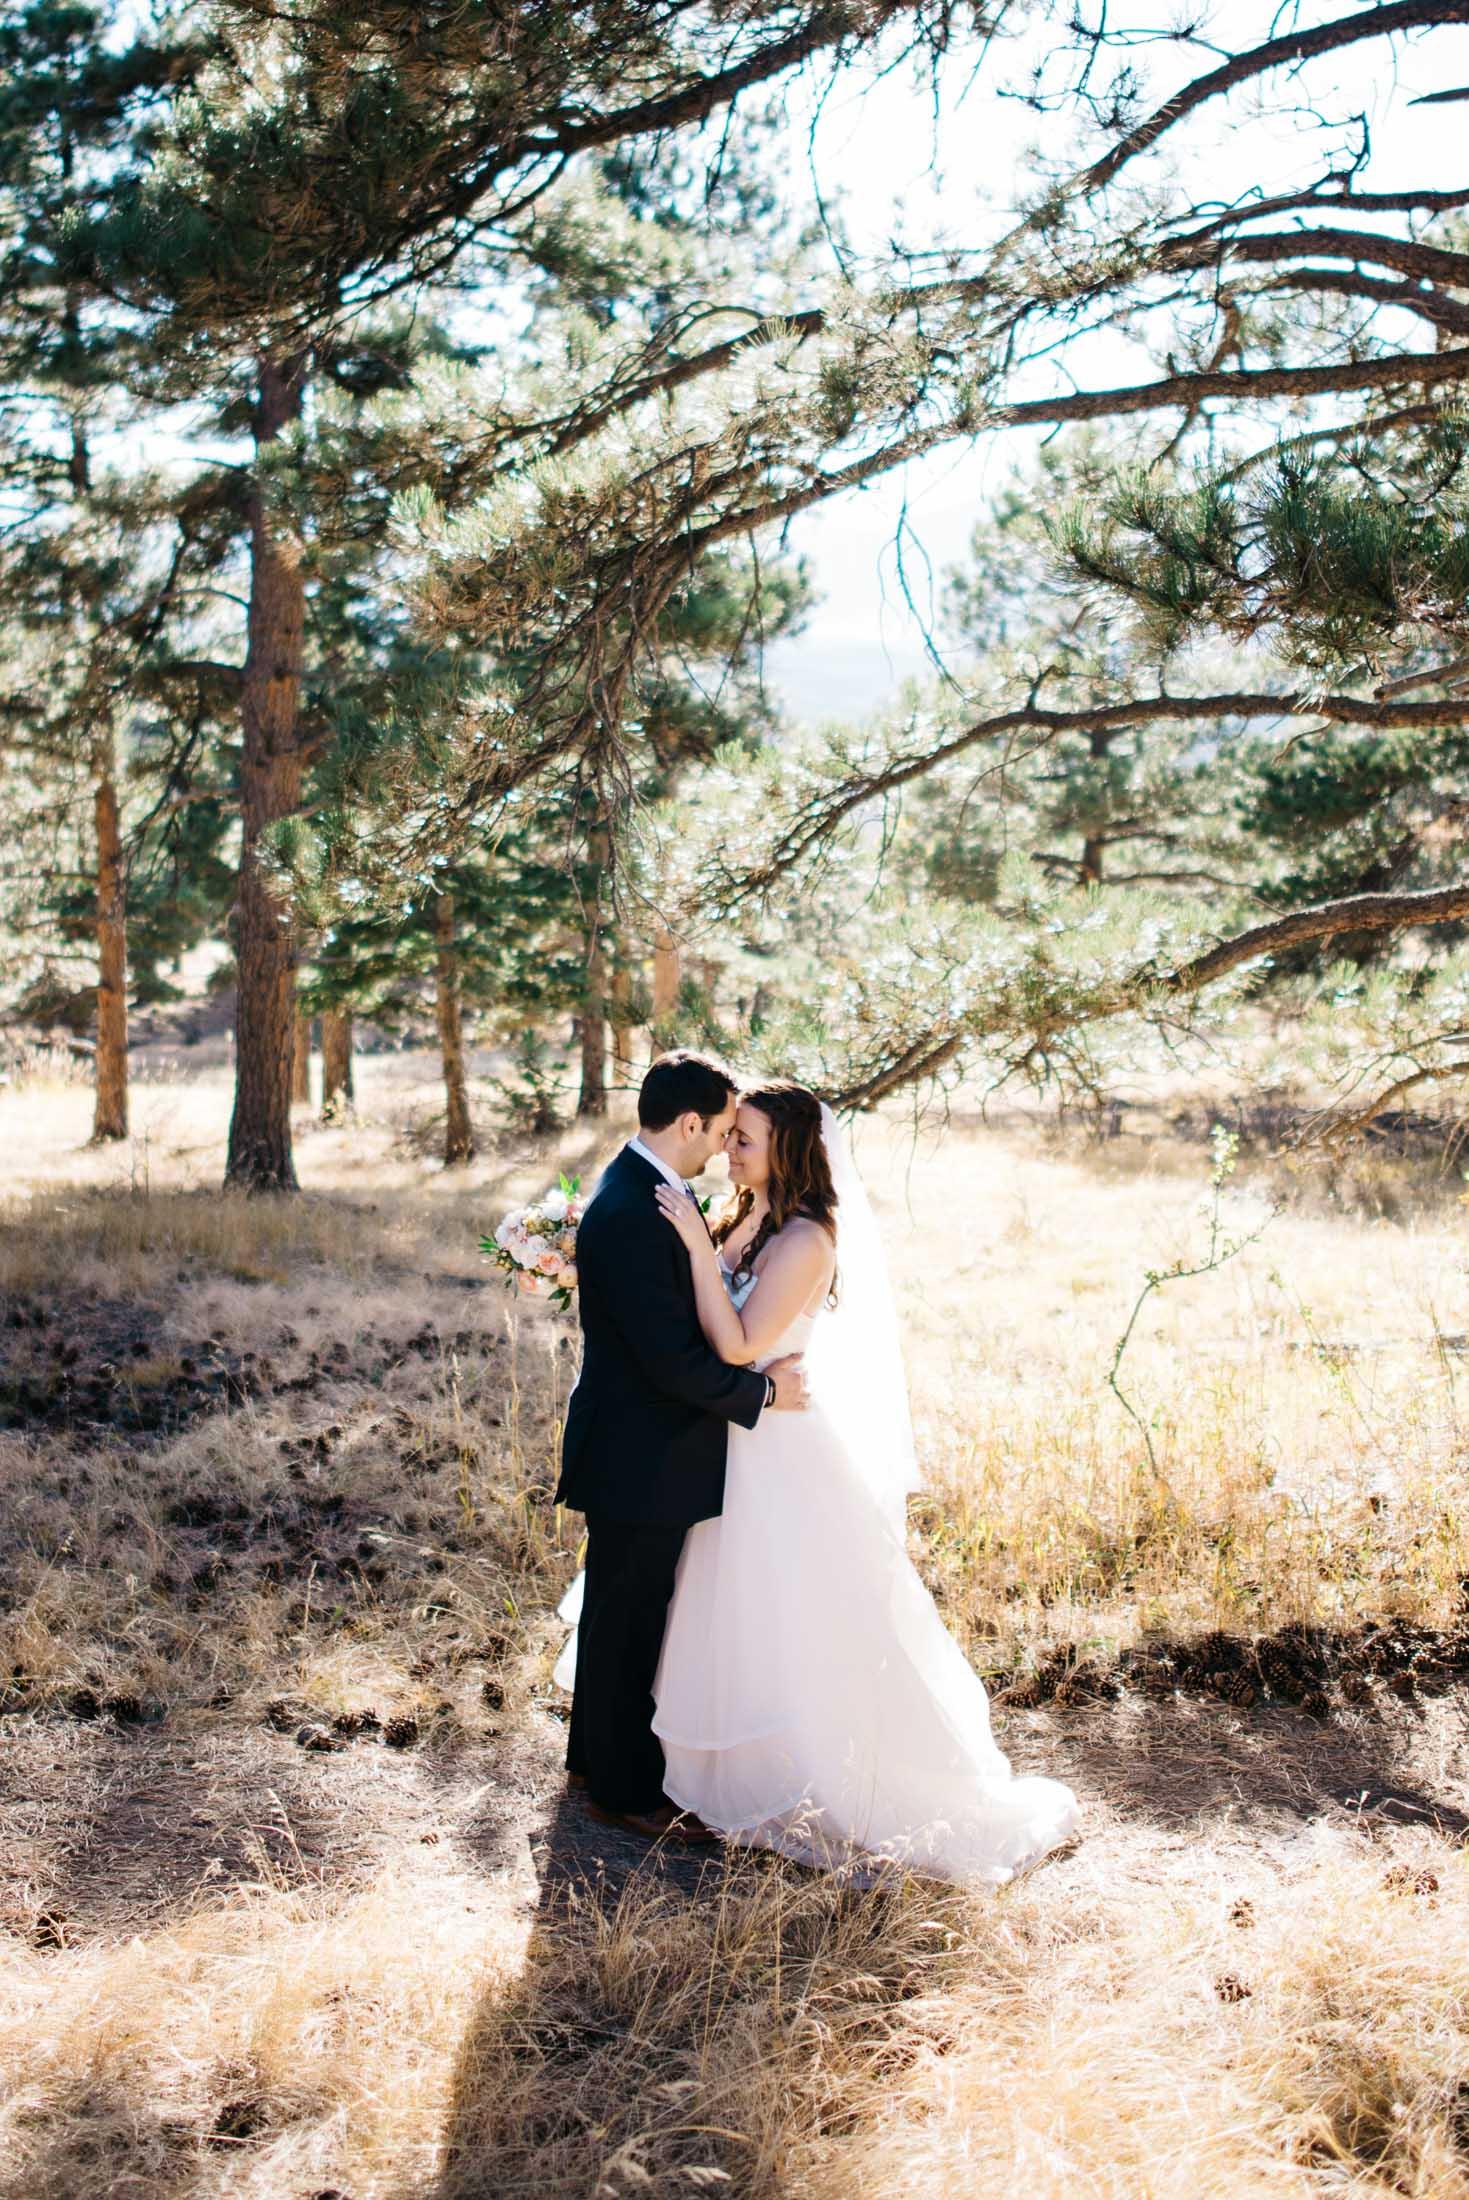 149elopement-photographer-colorado-Amanda&Sam-Denver_wedding-2119.jpg